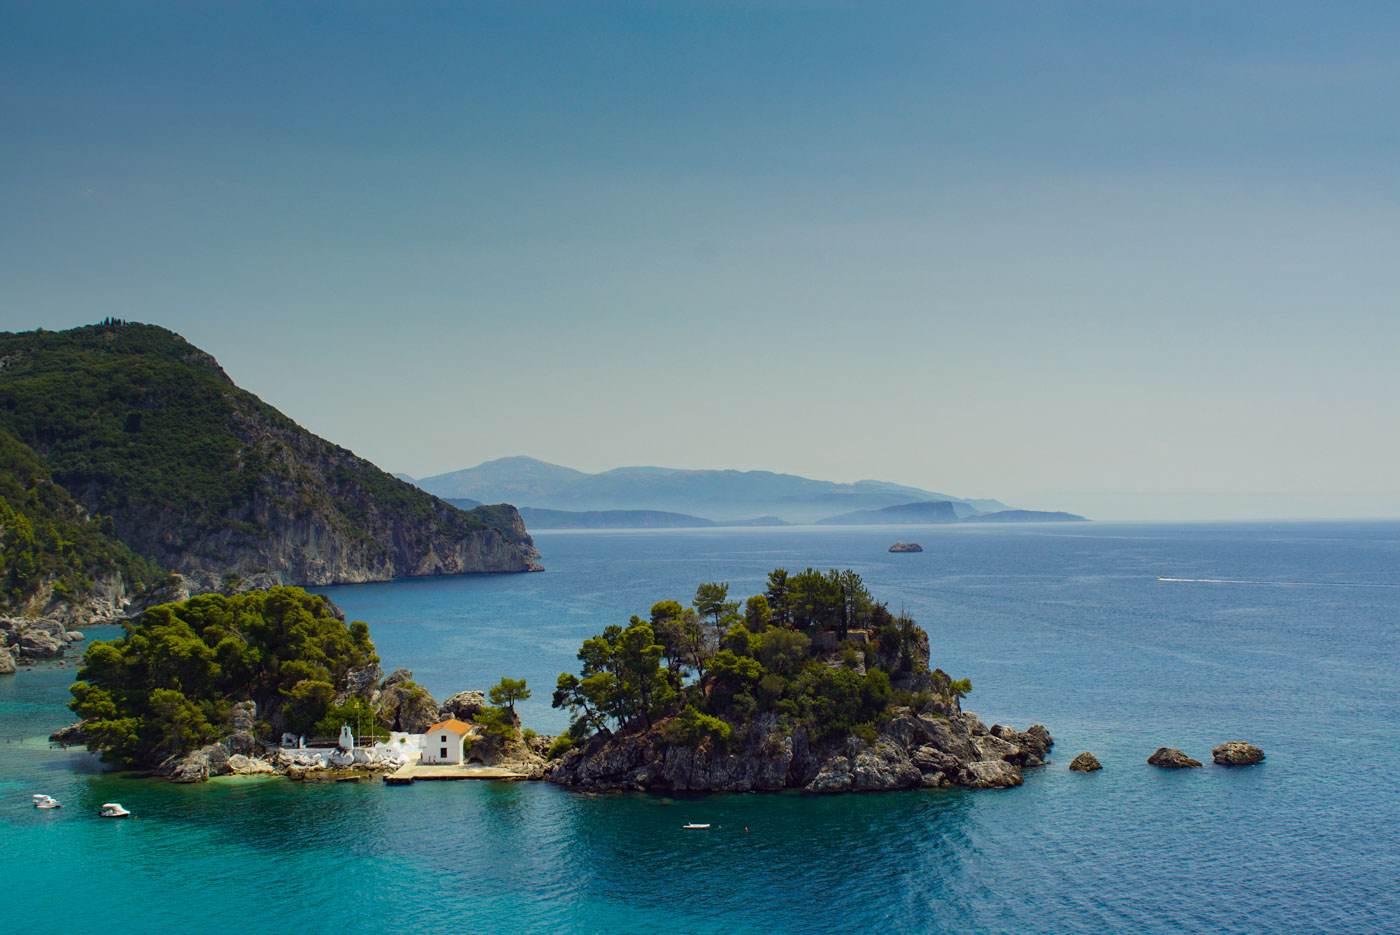 Blick auf eine griechische Bucht, in der eine kleine Insel mit einem weißen Haus und Bootsanleger sich befindet. Im Hintergrund sind im Dunst noch weitere Berge der Küste zu erkennen